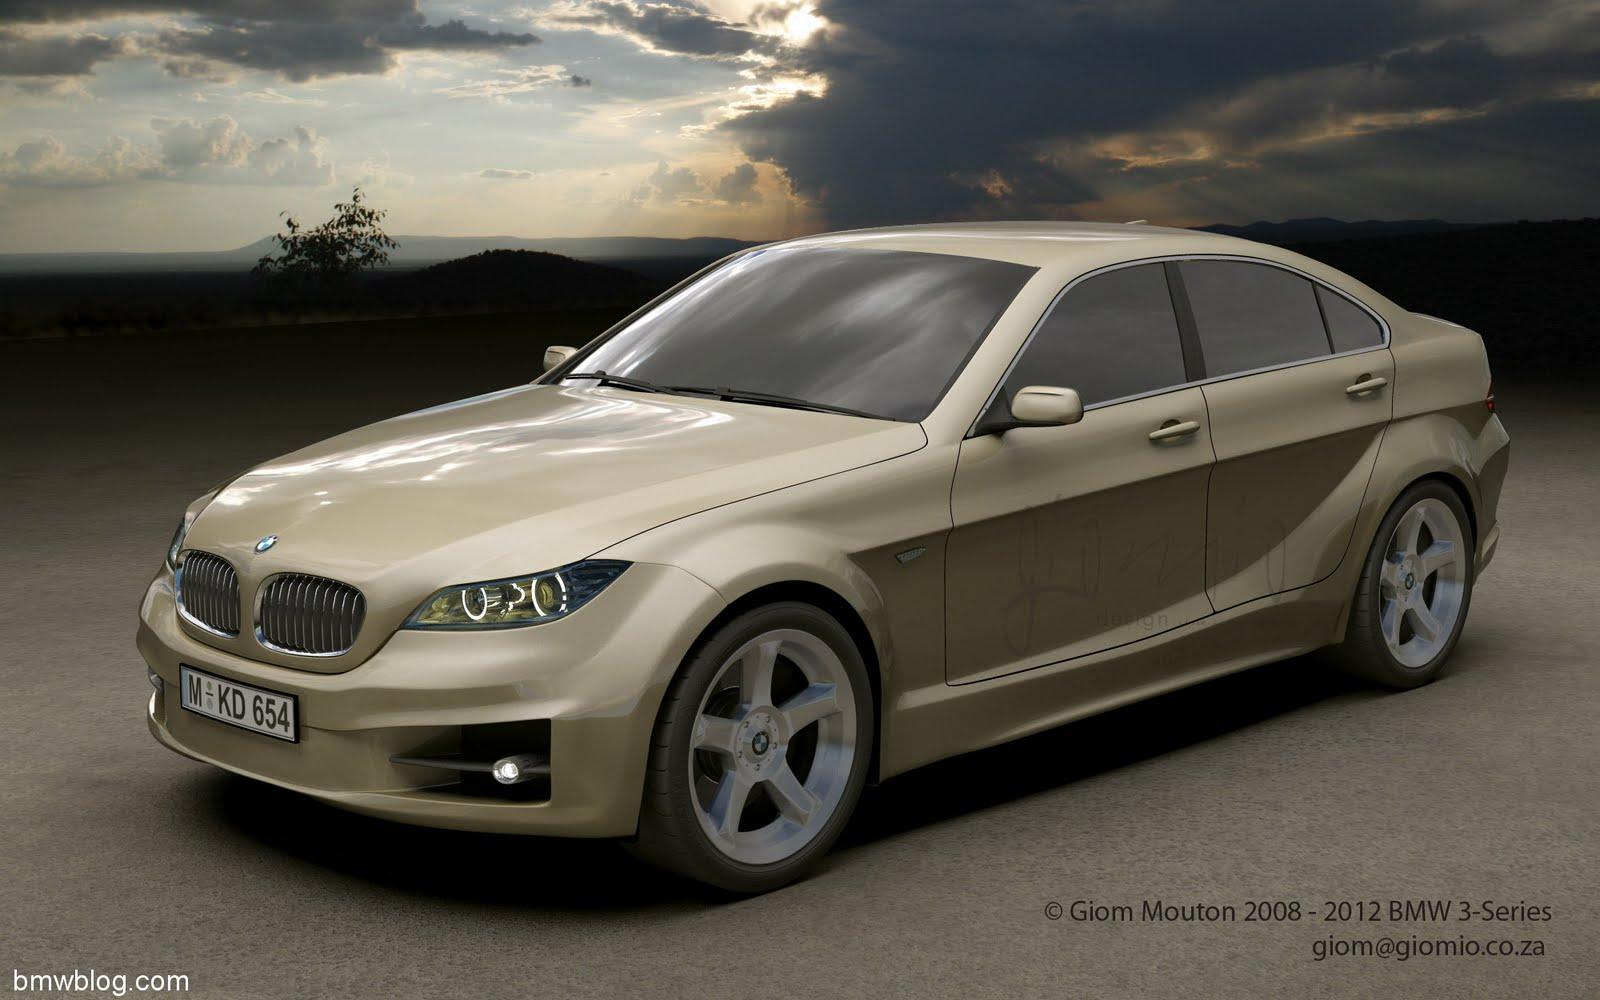 http://3.bp.blogspot.com/-jIzhheILQqs/TkGPiOFrtDI/AAAAAAAAKr8/-tnOlnaMF2A/s1600/BMW%20HQ%20Wallpaper%20(105).jpg